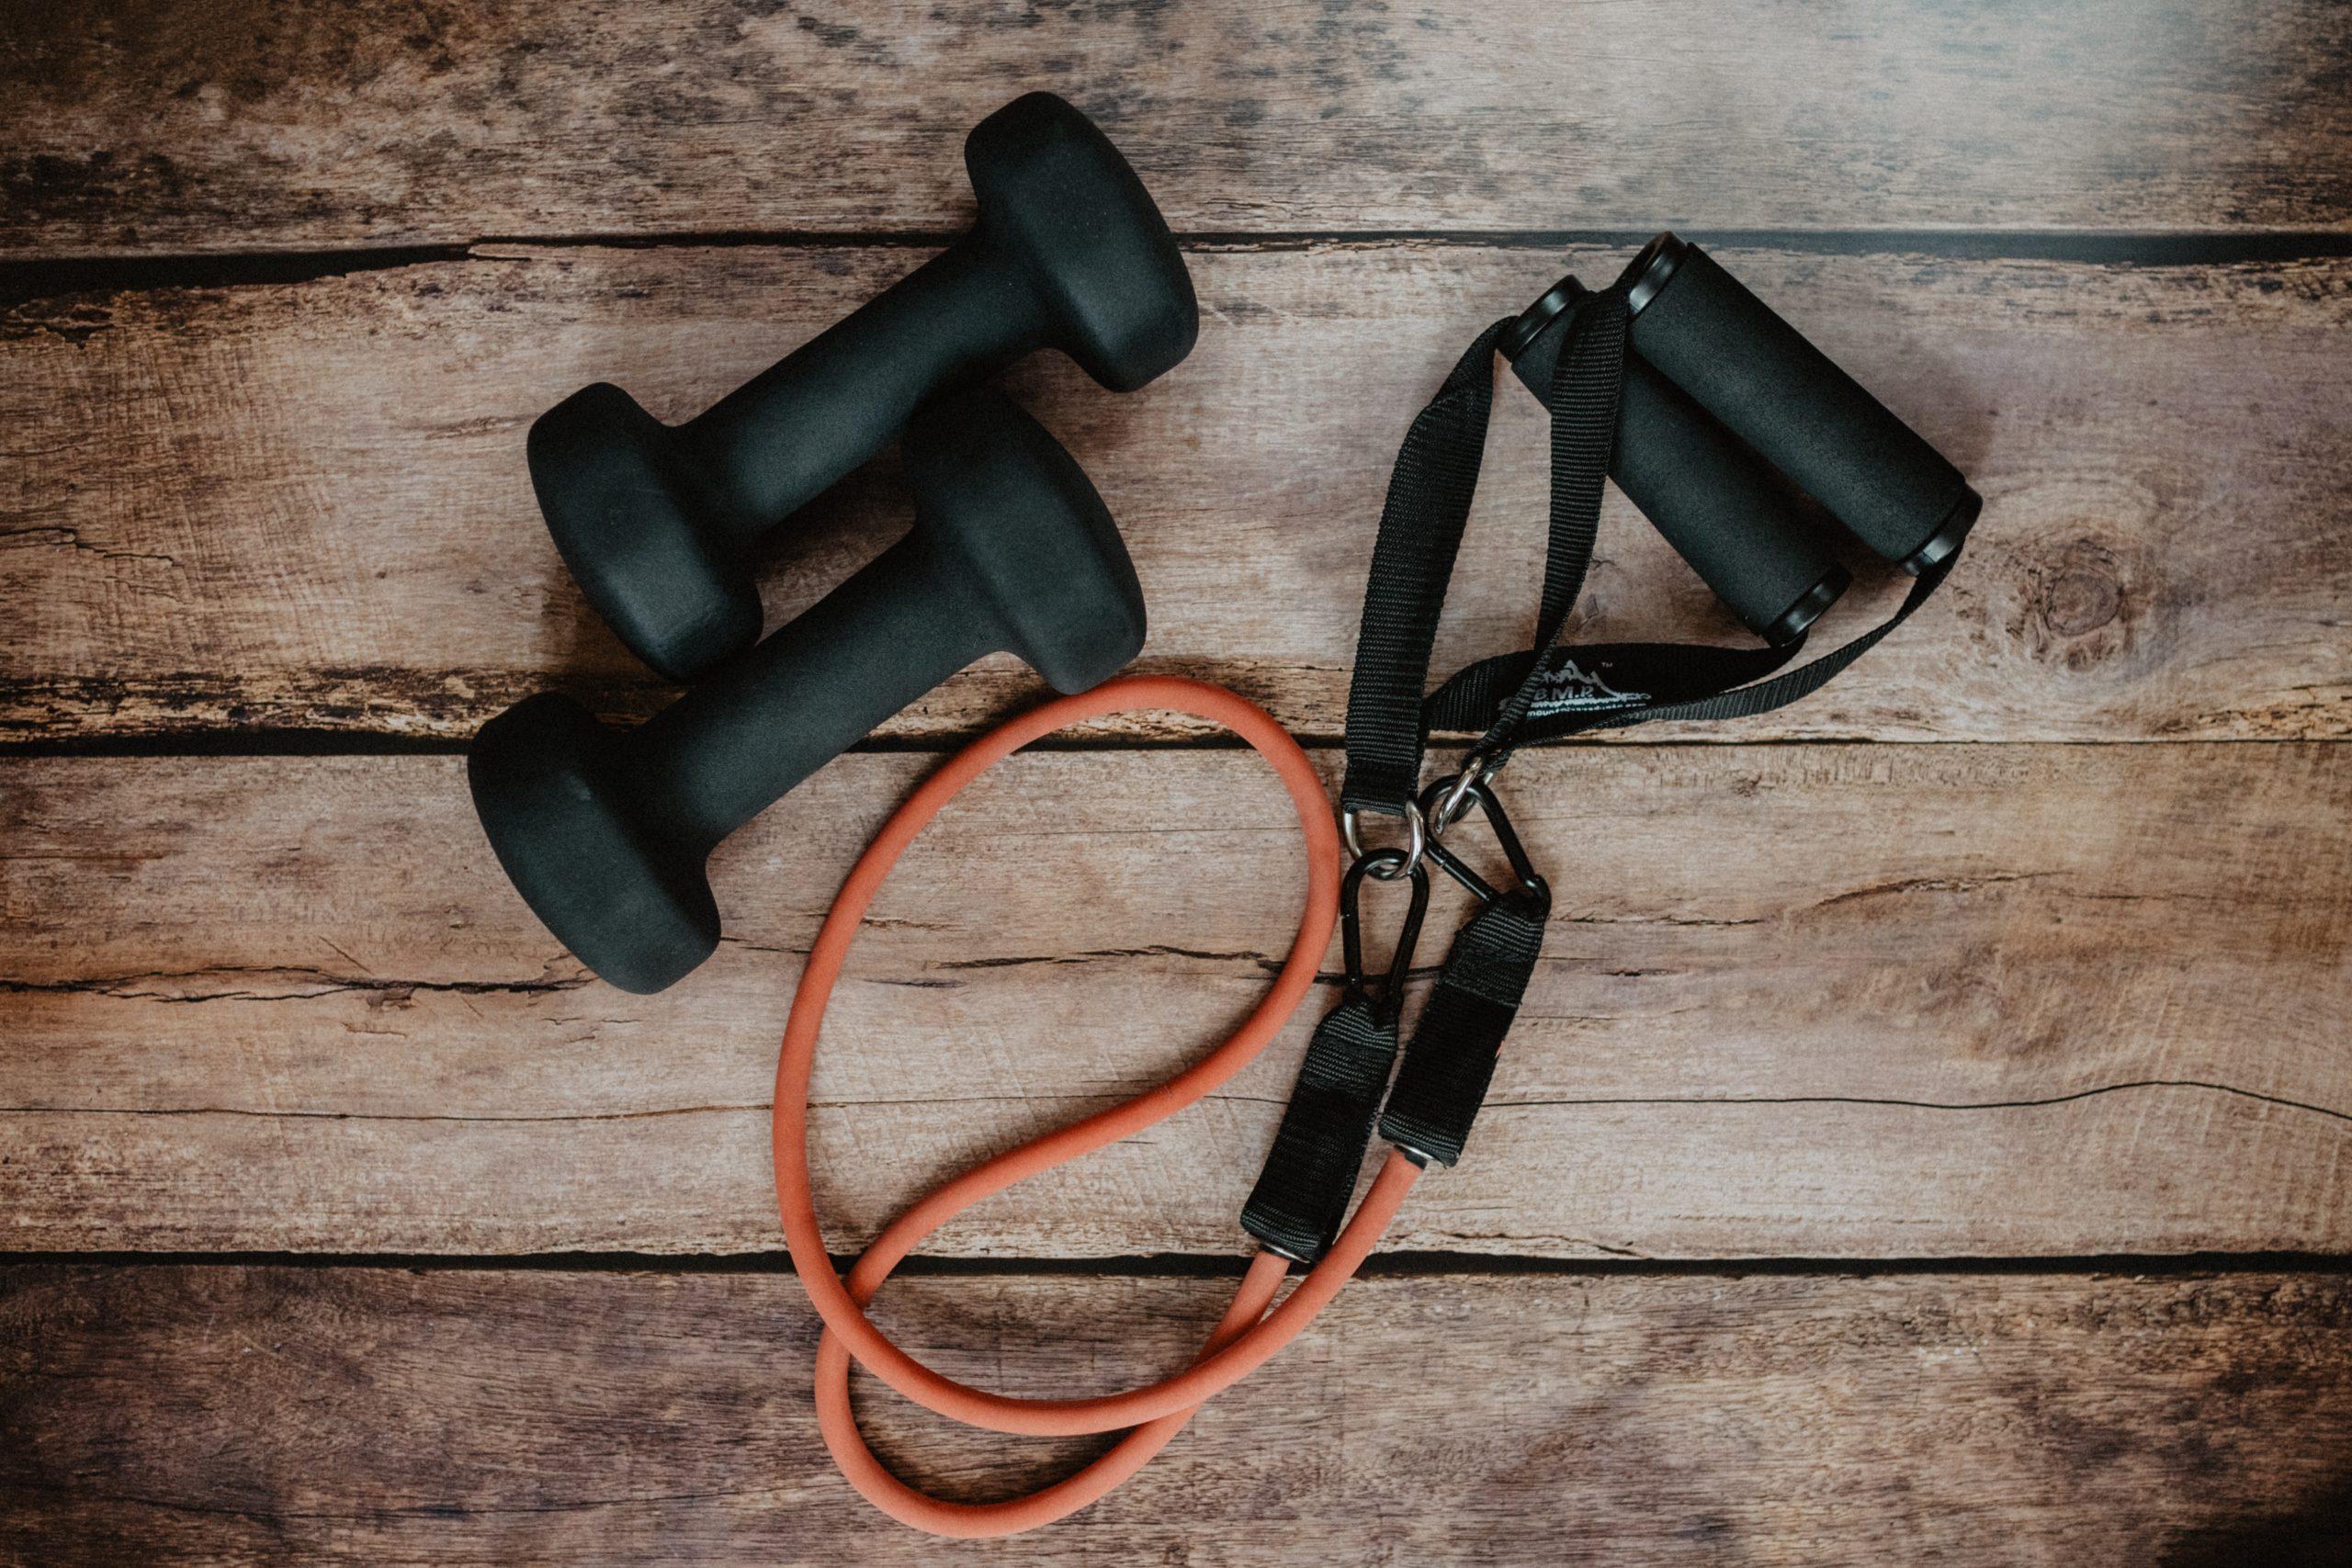 Daleko do siłowni - jak trenować w domowym zaciszu